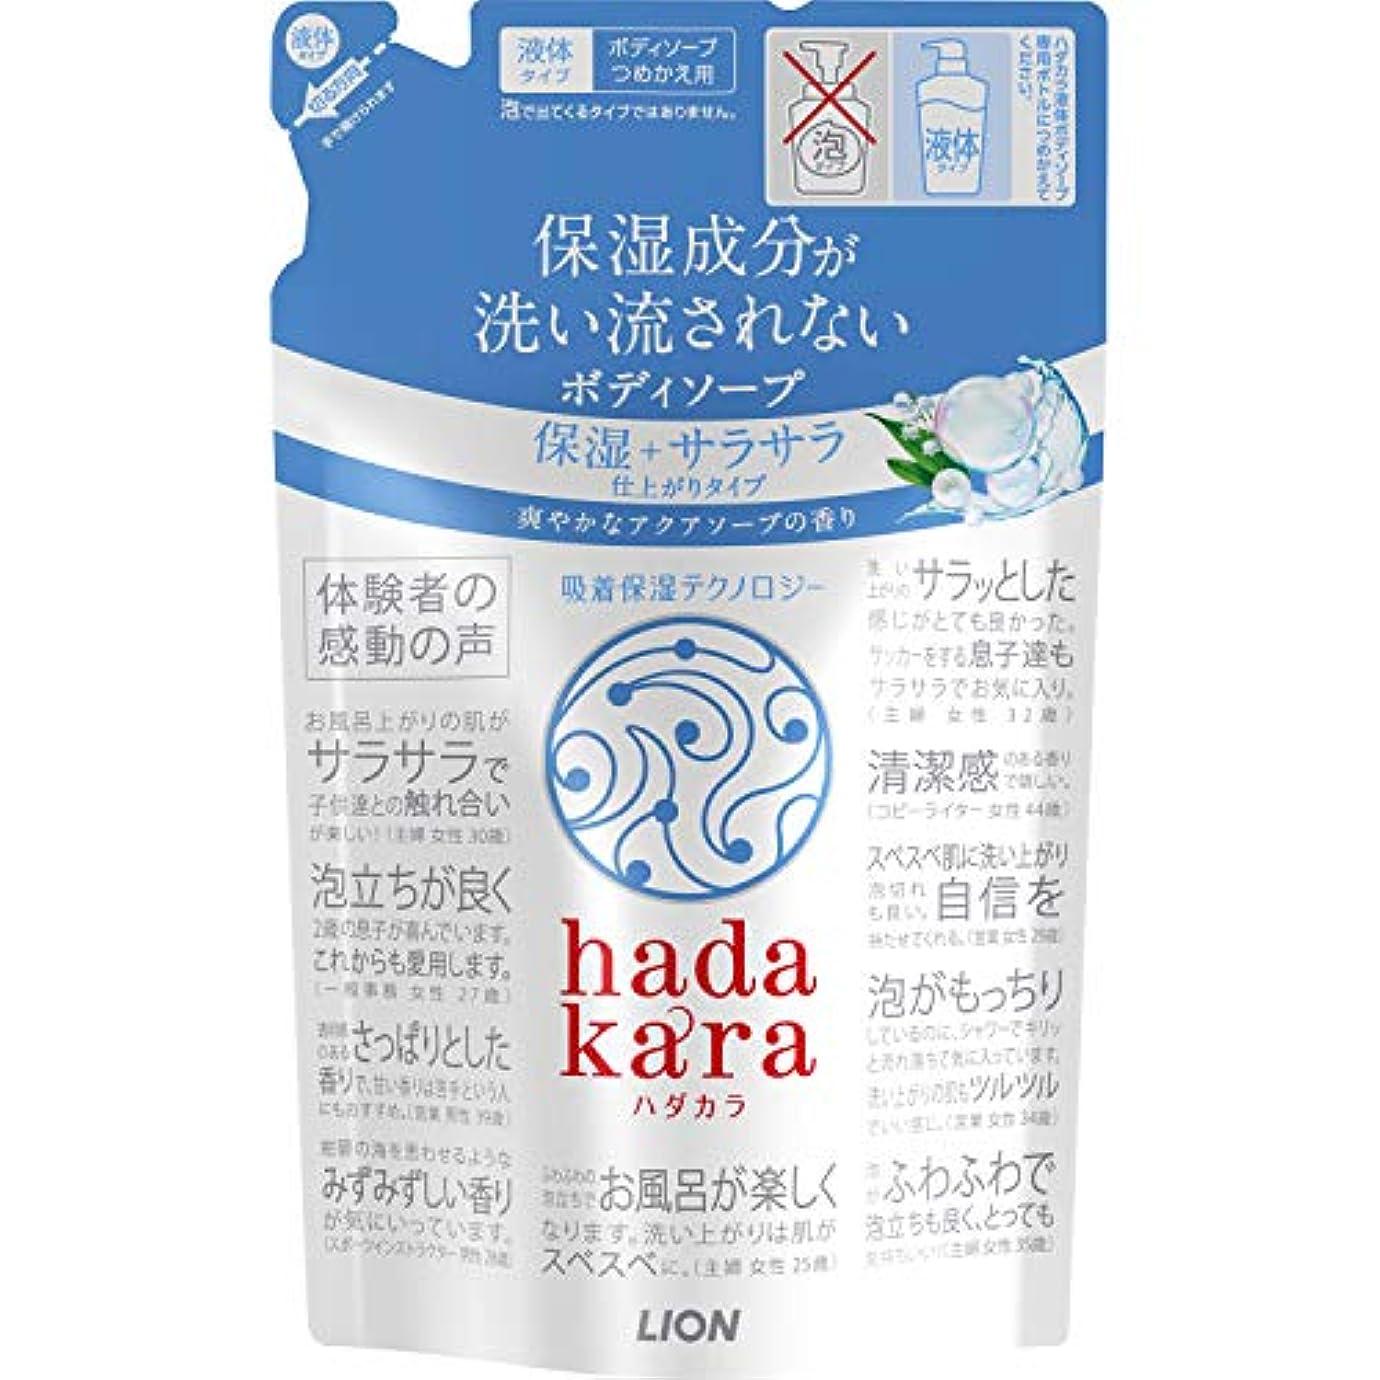 生産的陽気なにやにやhadakara(ハダカラ) ボディソープ 保湿+サラサラ仕上がりタイプ アクアソープの香り 詰め替え 340ml